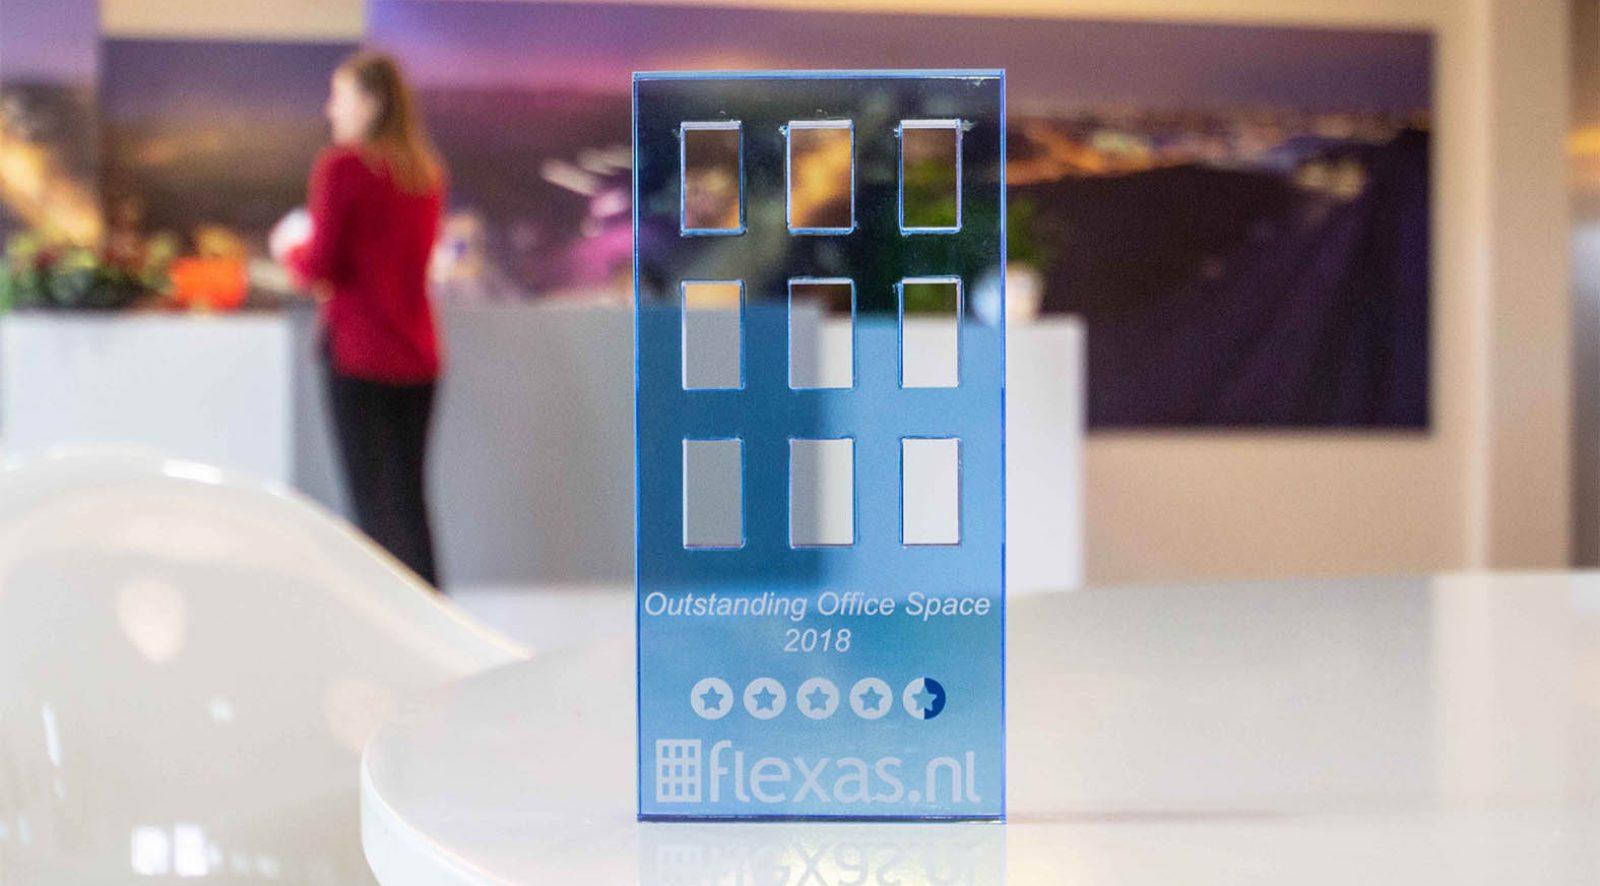 Flexas review award 2018 - Crown Business Center Haarlem - Kantooruimte